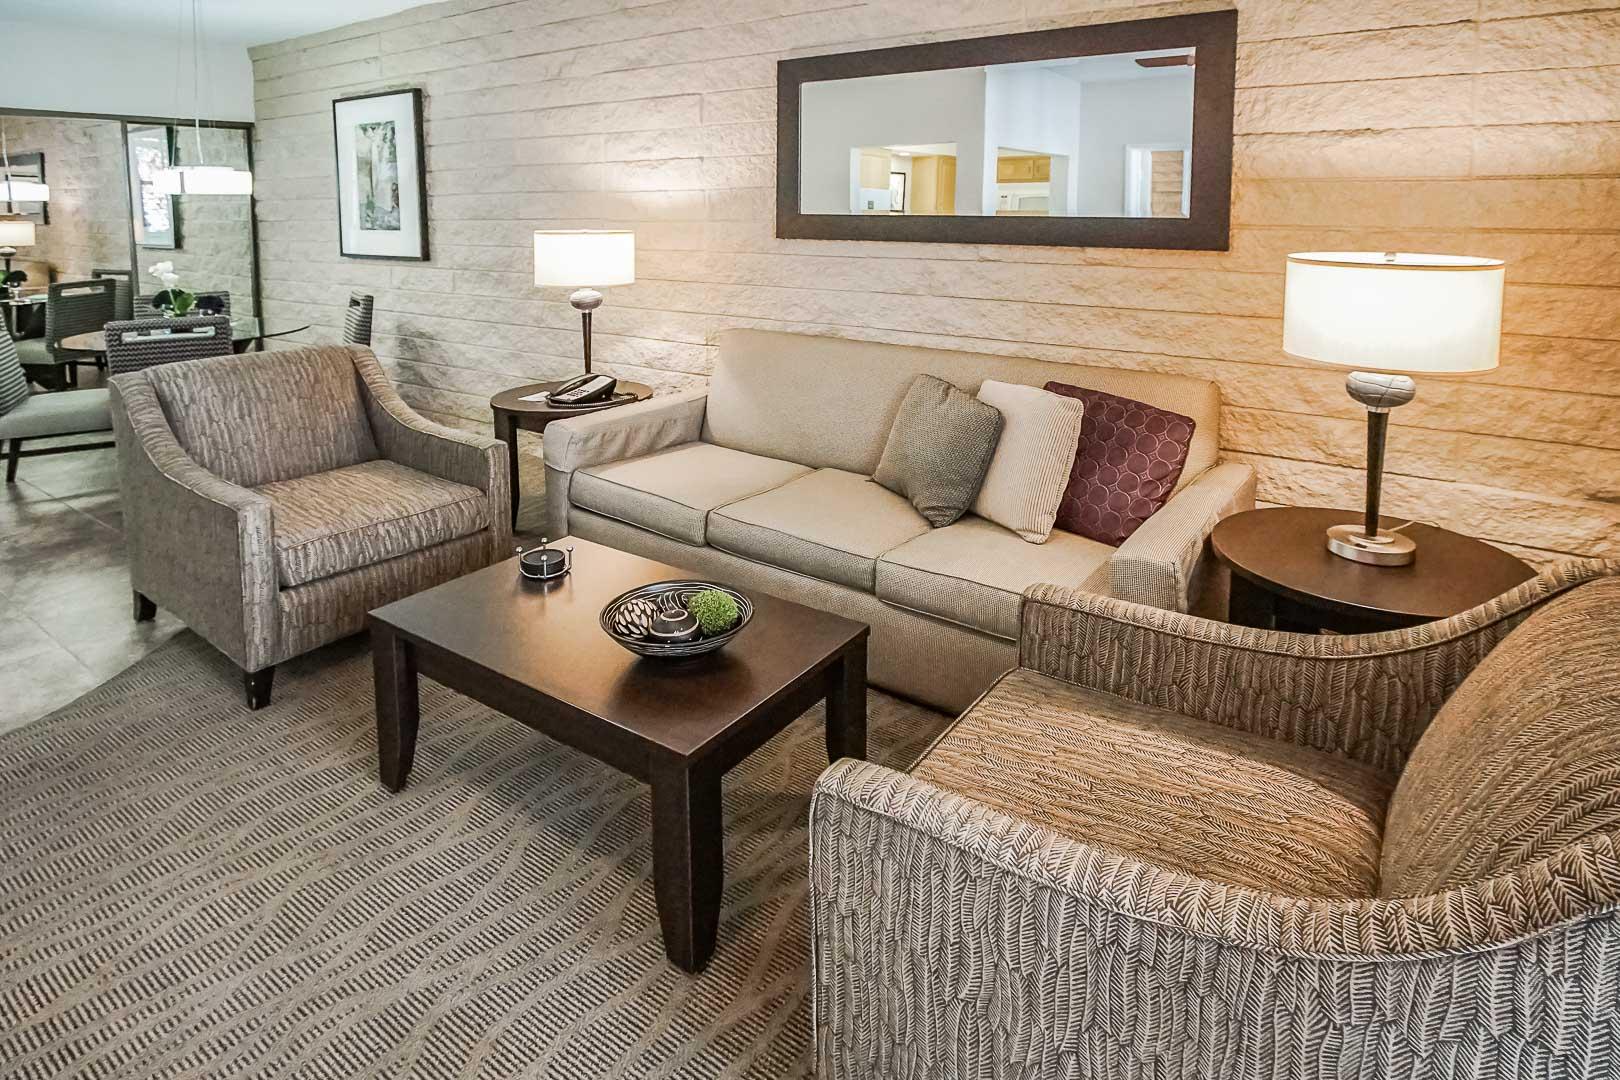 Palm Springs Tennis Club - Living Room